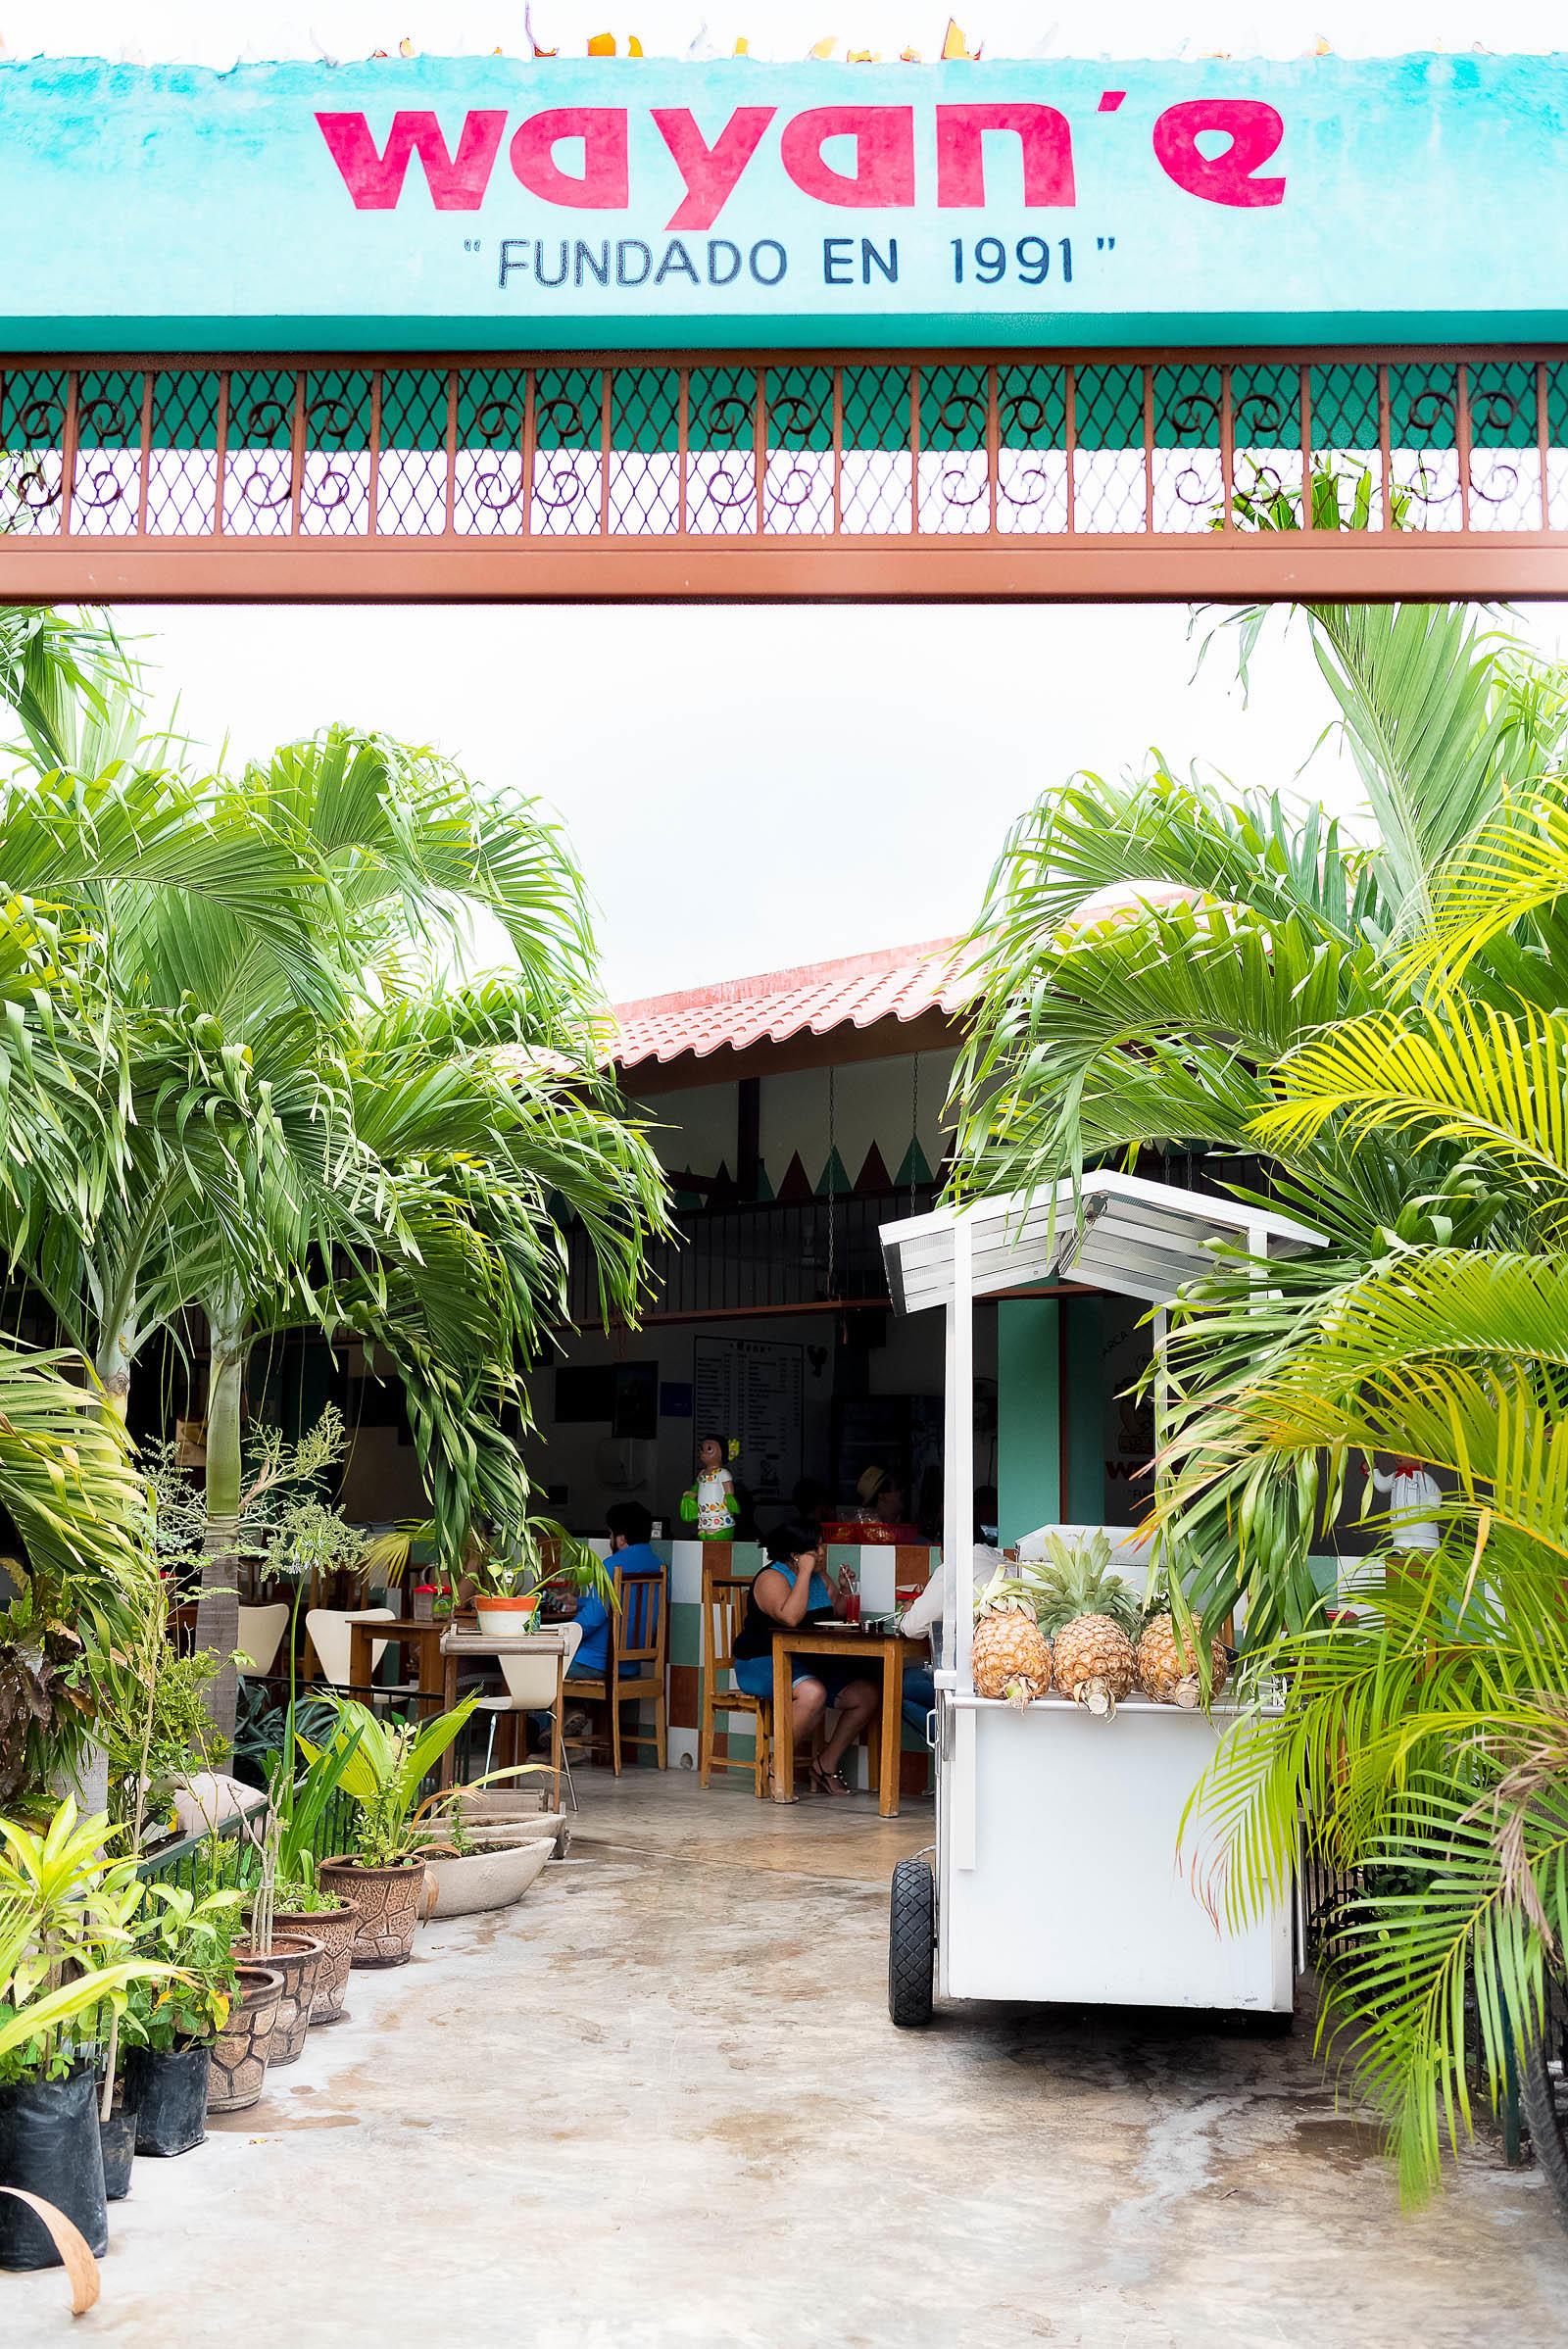 Wayan'e, Mérida, Restaurant, Tacos, Yucatán, Mexico